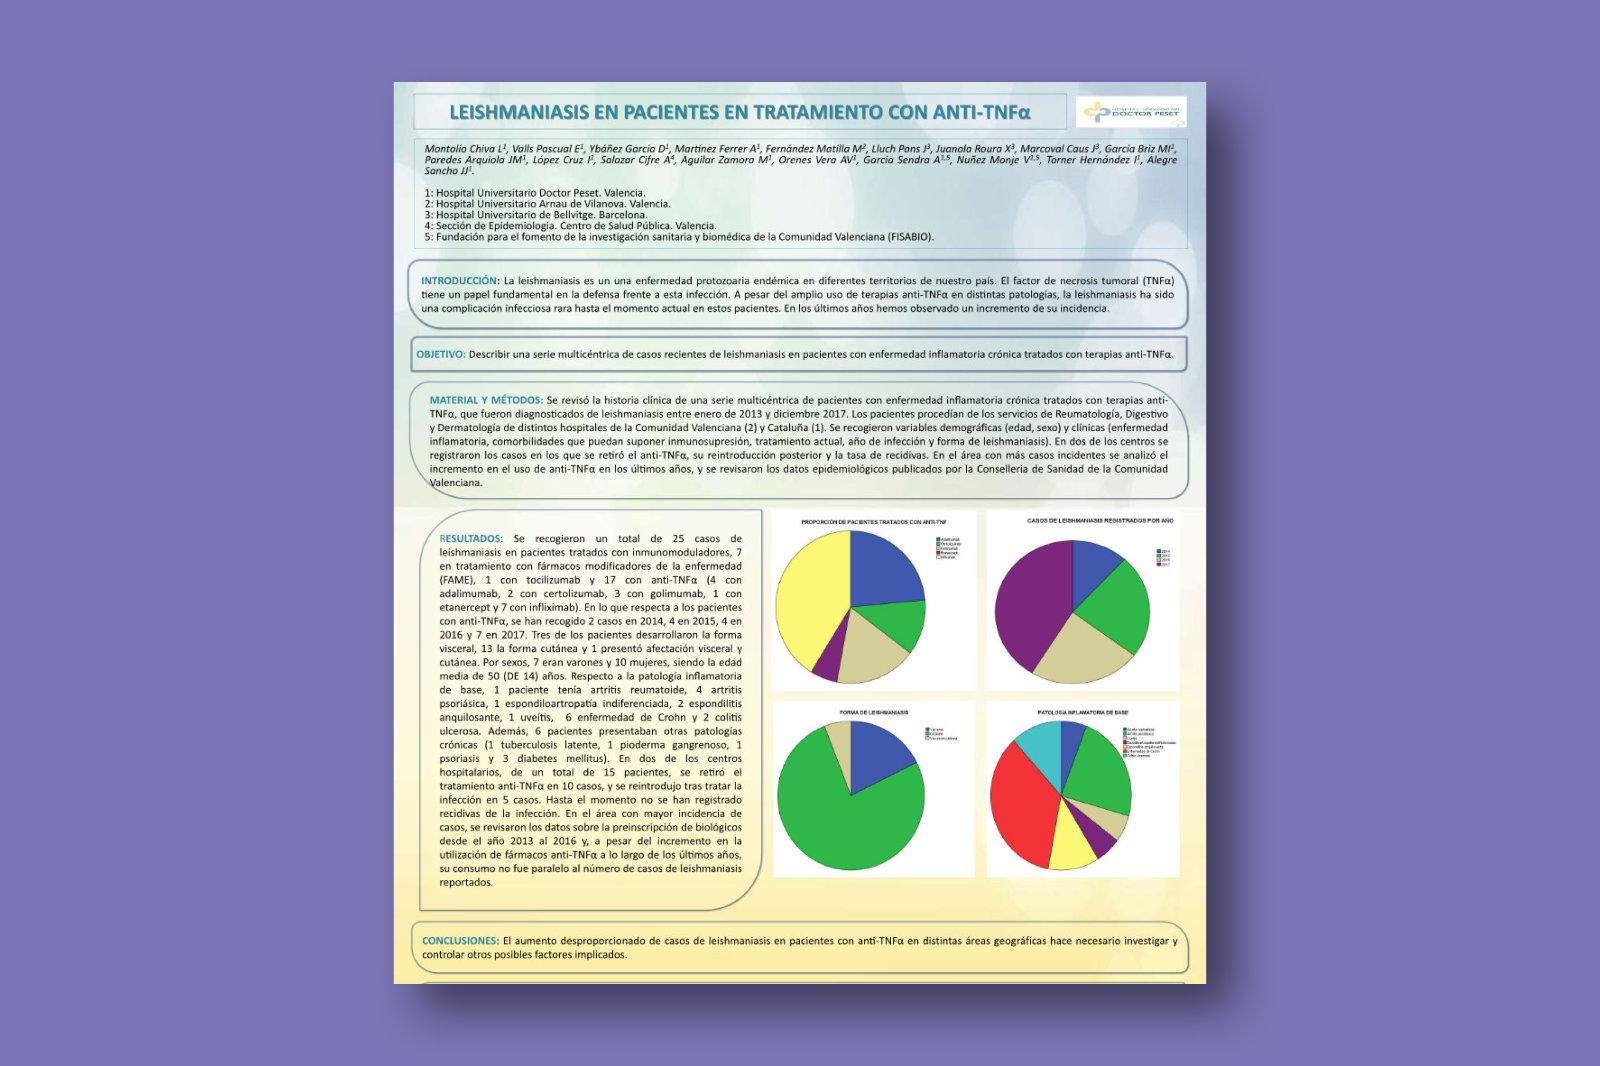 Leishmaniasis en pacientes en tratamiento con Anti-TNFα